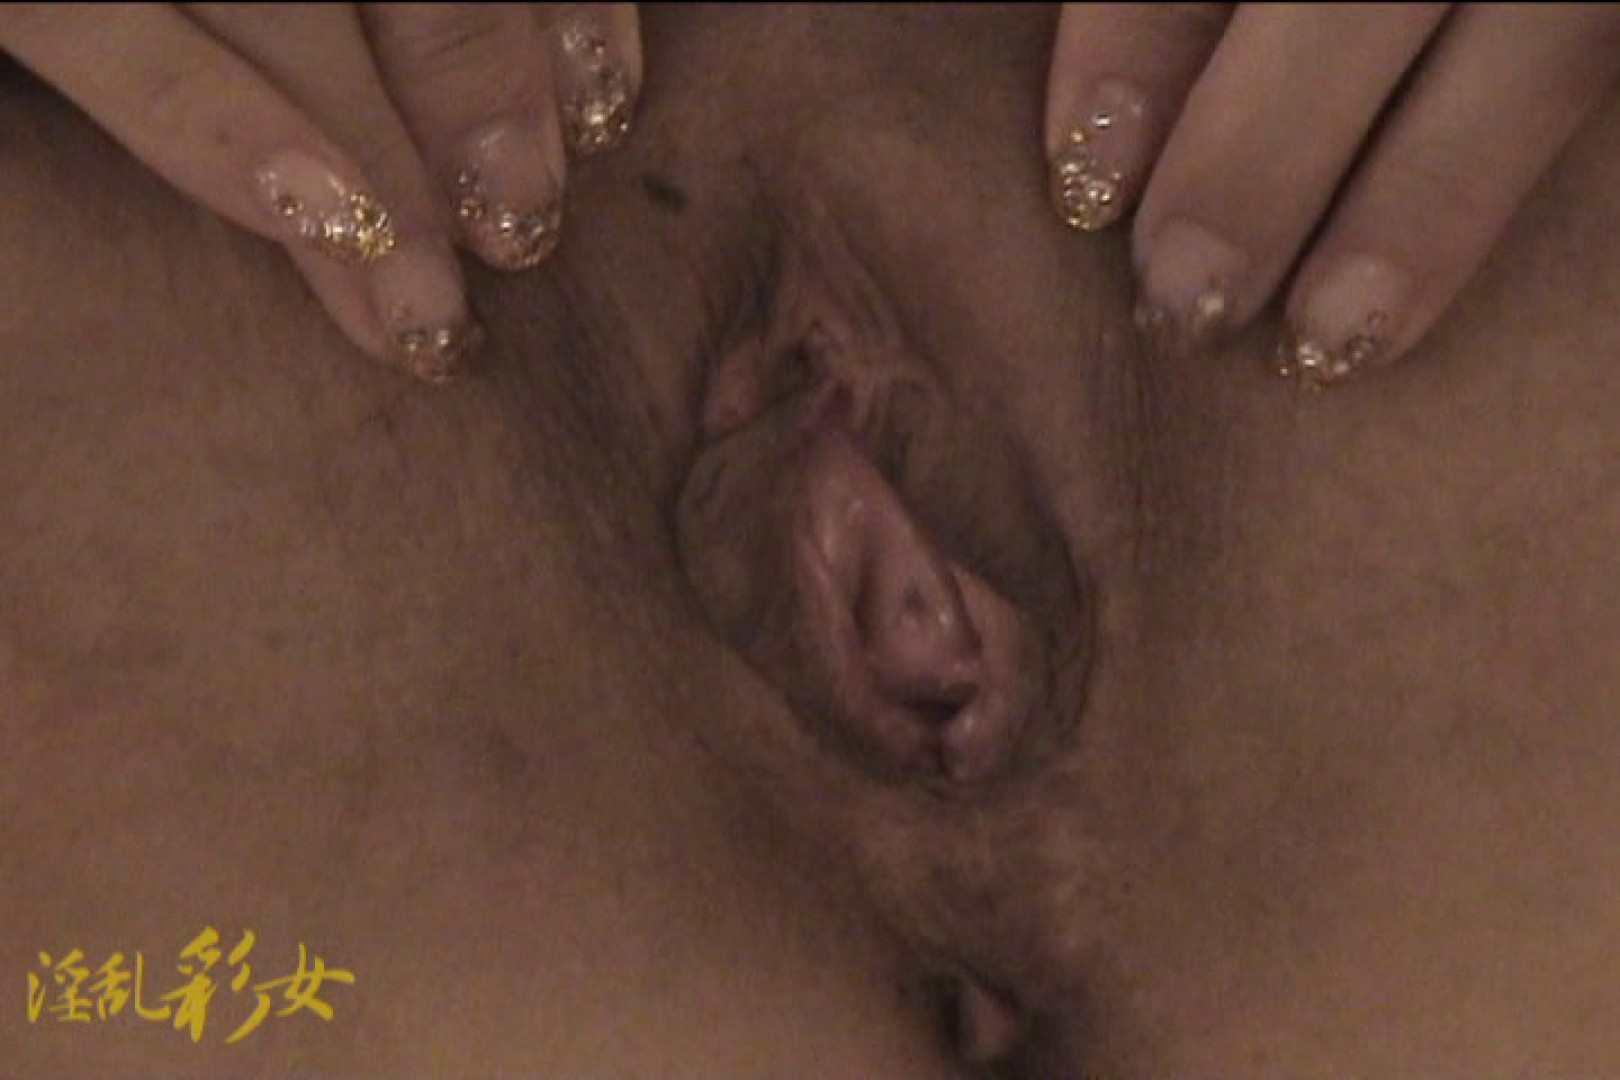 淫乱彩女 麻優里 オムニバスそして顔射 一般投稿  100pic 30